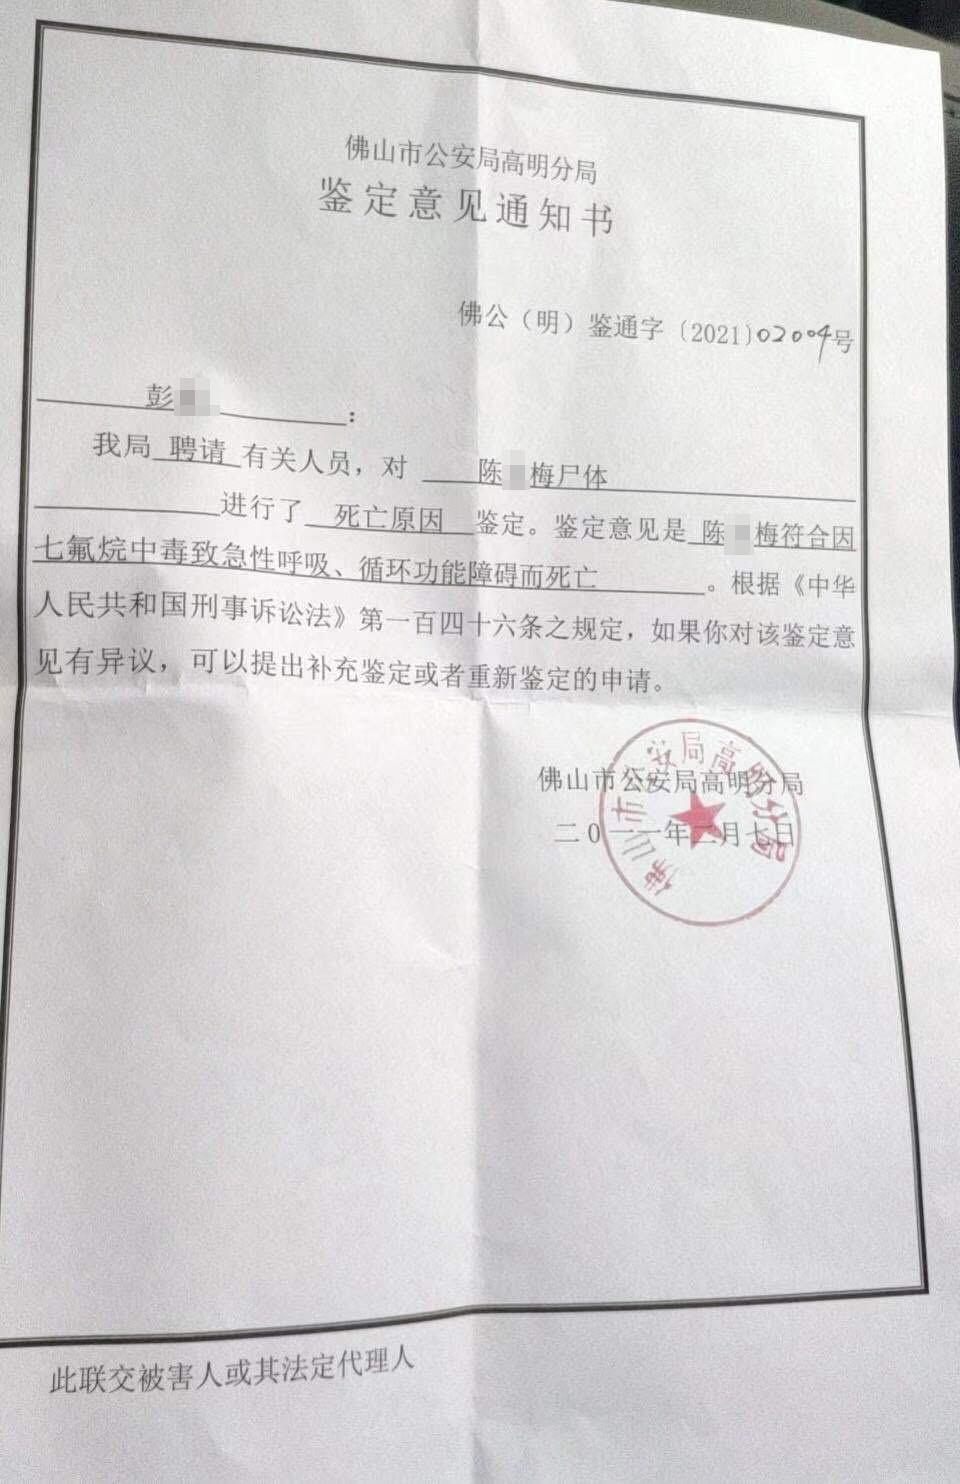 尸检报告显示,陈某梅因七氟烷中毒致急性呼吸、循环功能障碍而死亡。